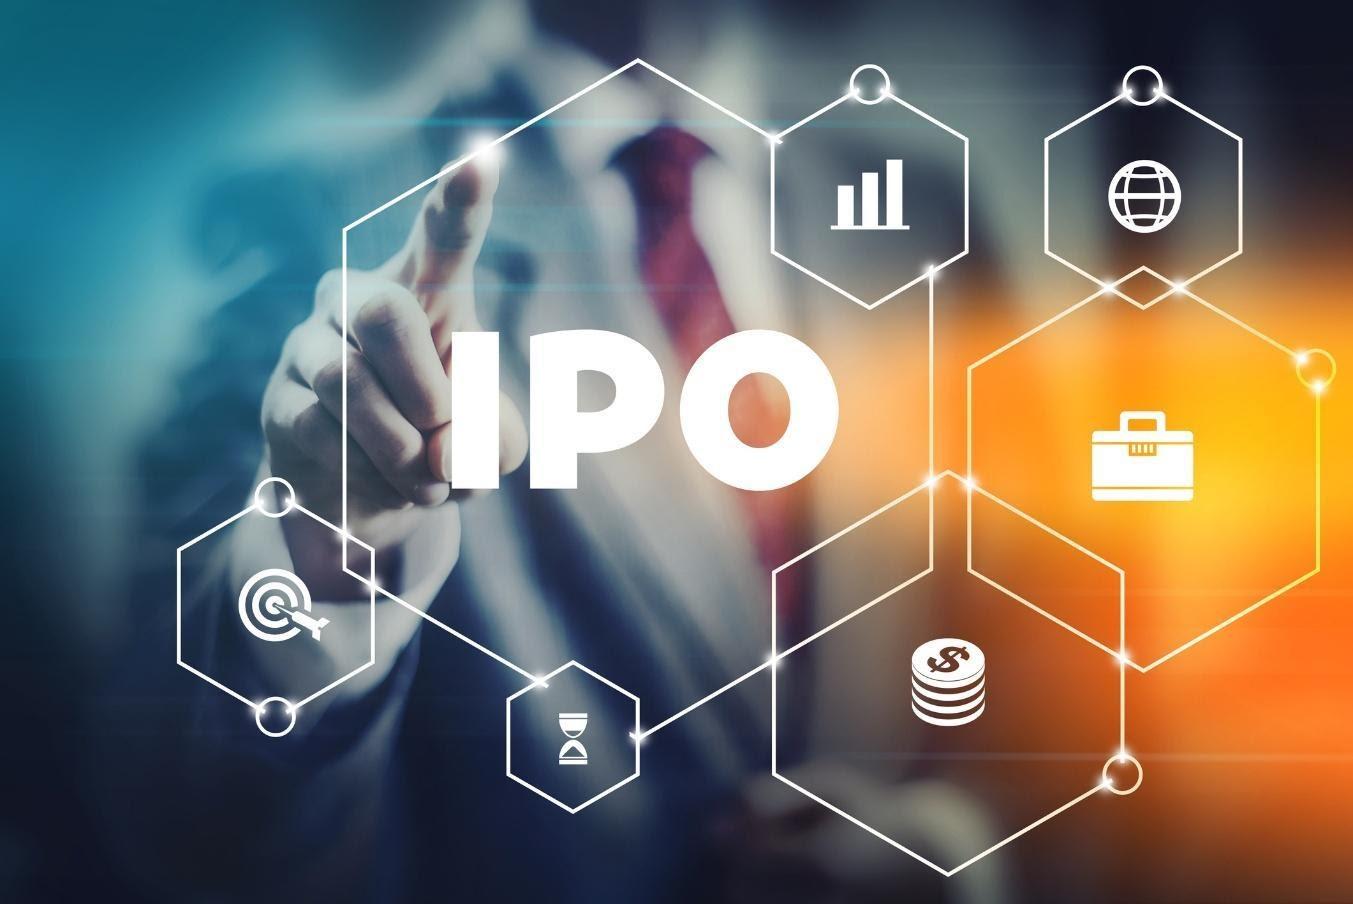 Thông báo bán đấu giá cổ phần lần đầu ra công chúng của Công ty mẹ-Tổng Công ty phát điện 2